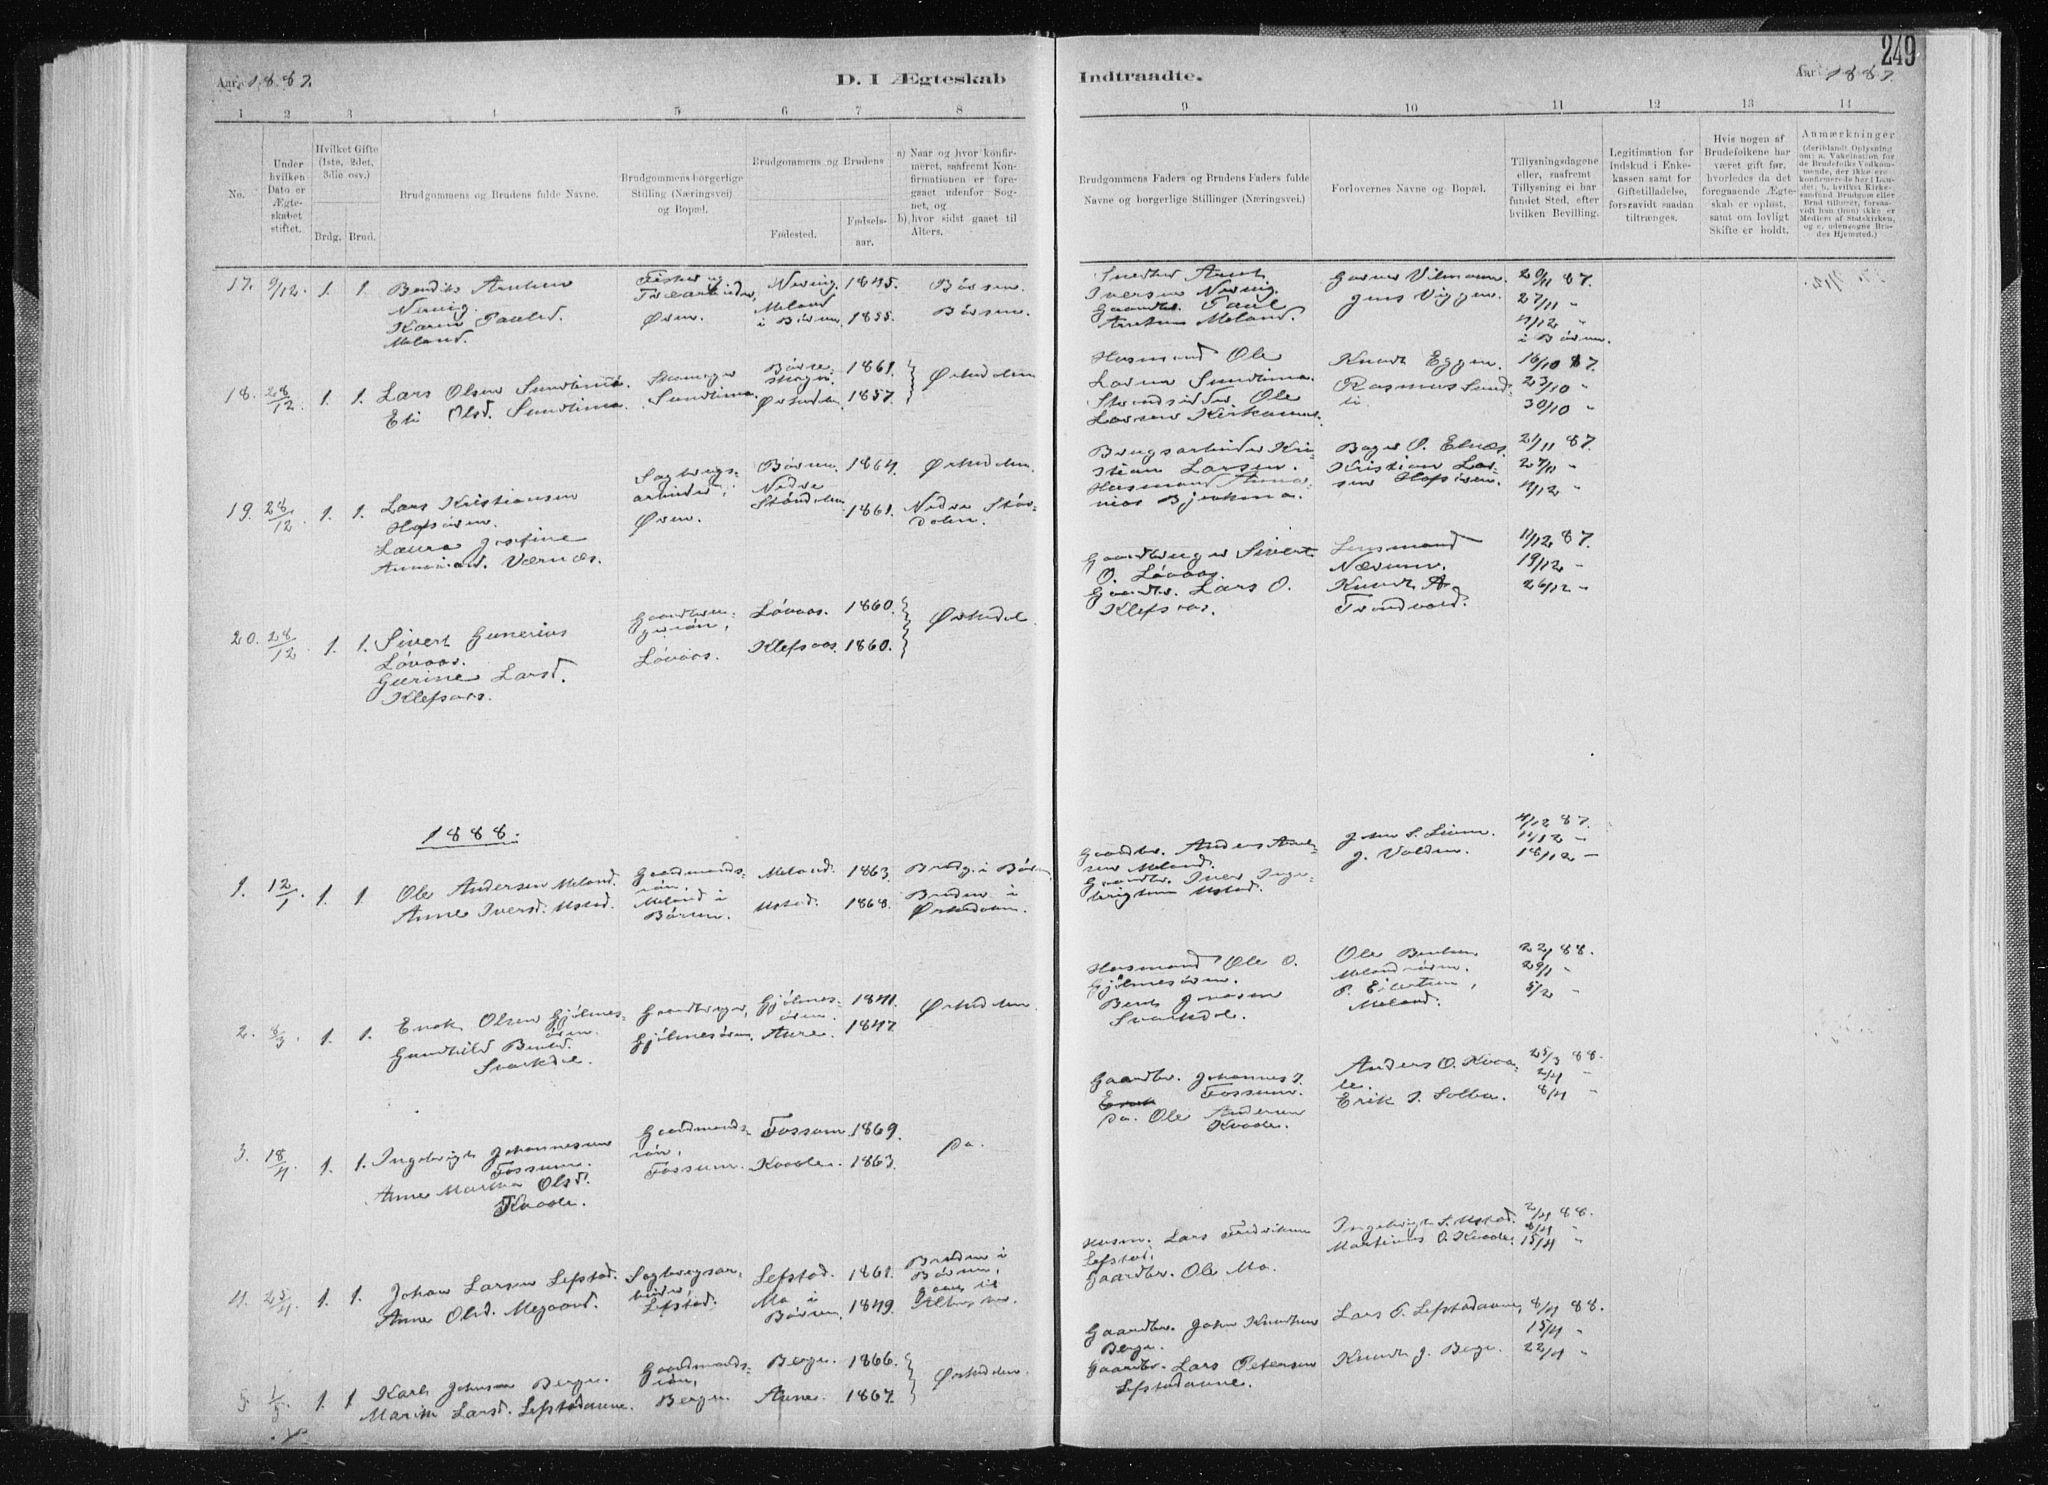 SAT, Ministerialprotokoller, klokkerbøker og fødselsregistre - Sør-Trøndelag, 668/L0818: Klokkerbok nr. 668C07, 1885-1898, s. 249